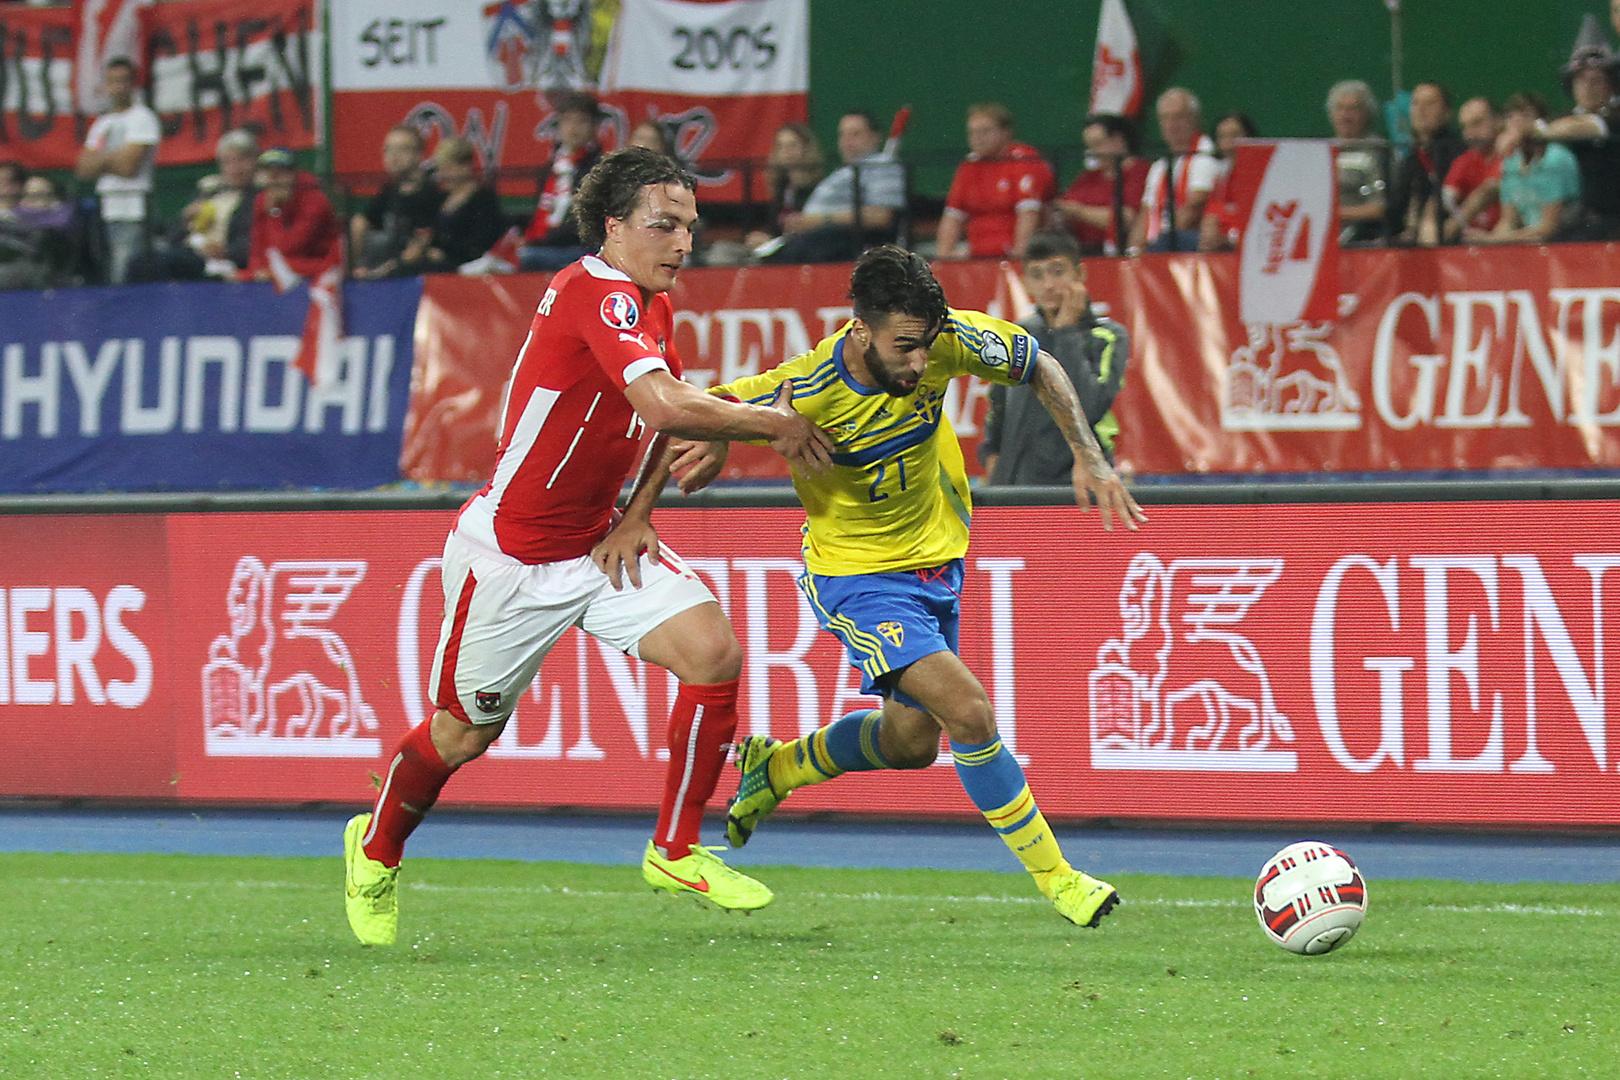 Österreich - Schweden EM Qualifikation 08.09.2014